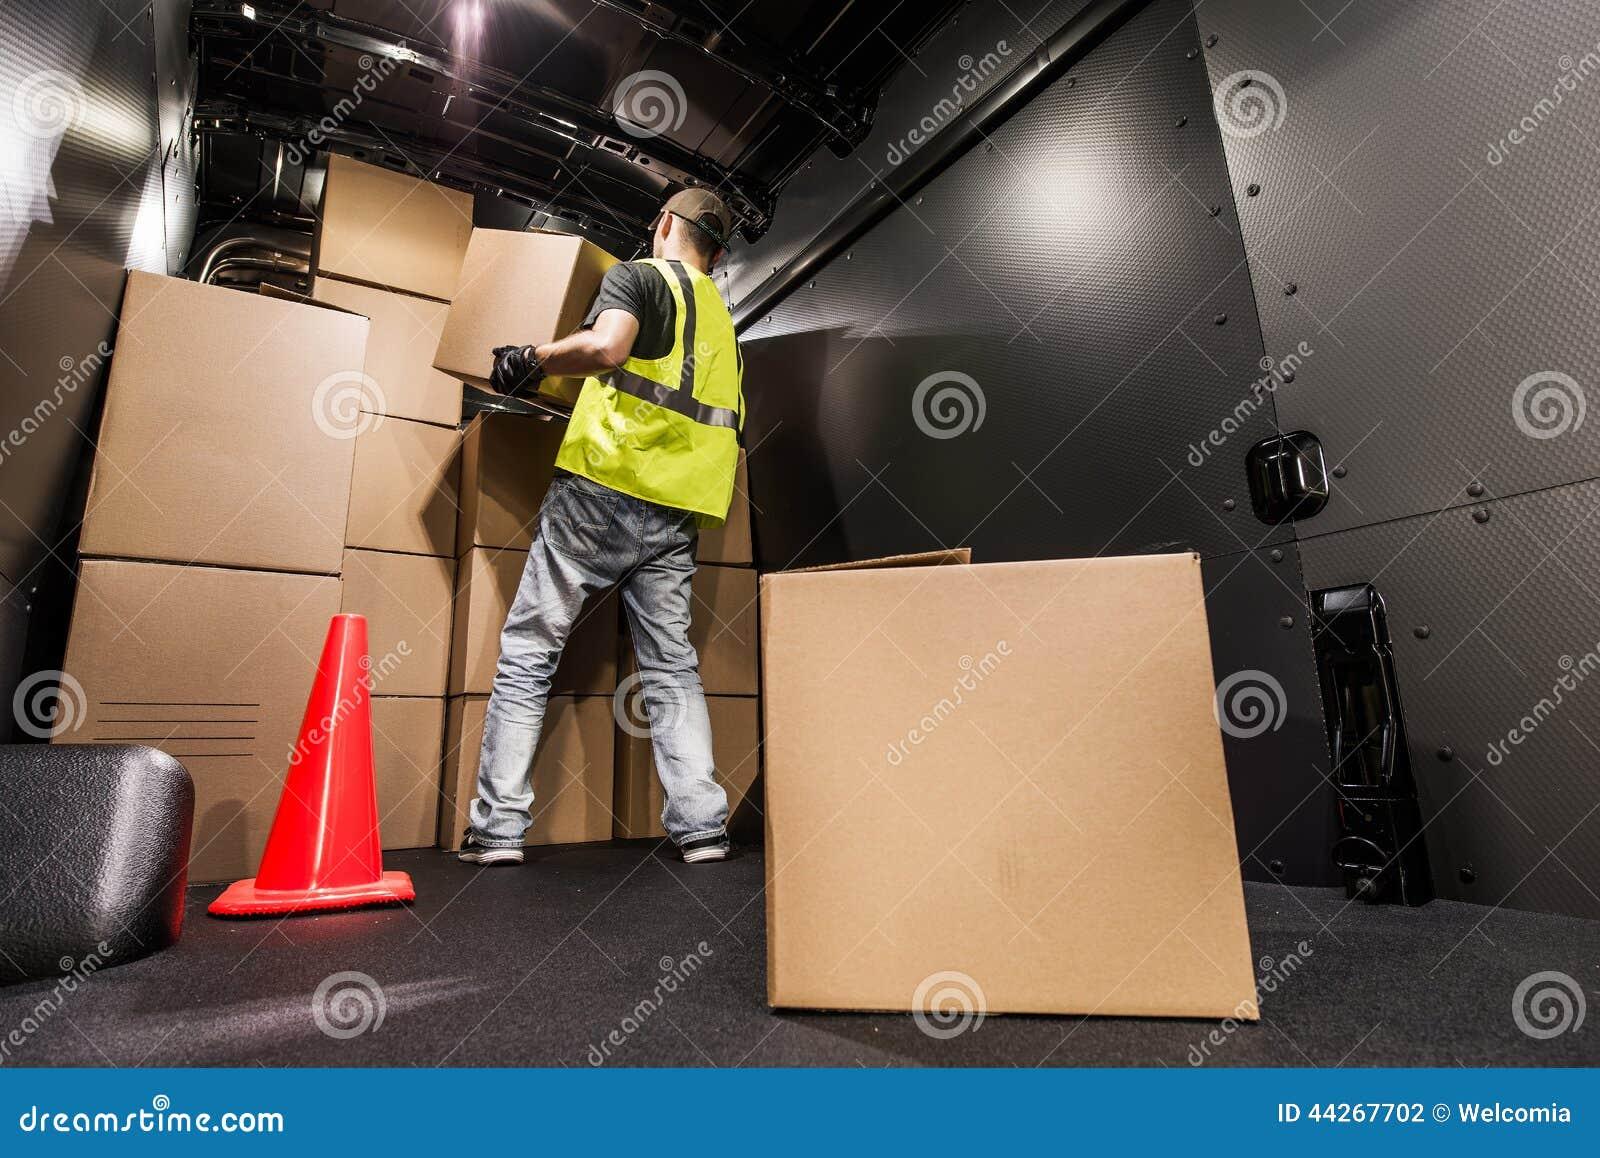 Cargo范Loading